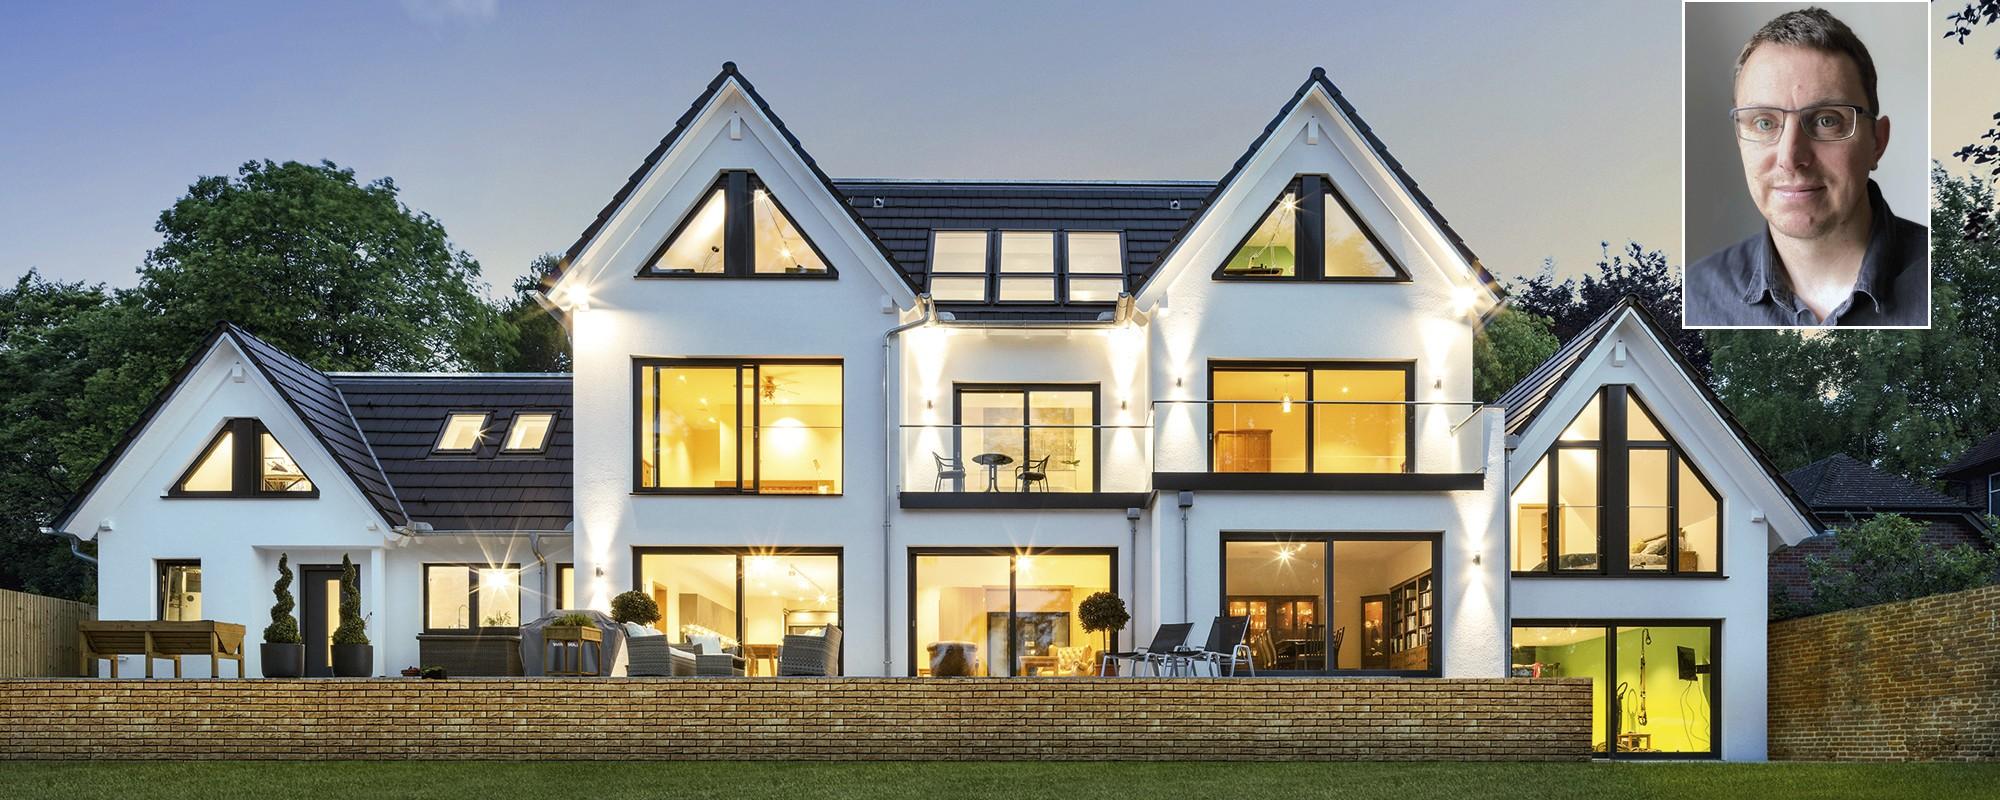 individual designed villa Haus_mit_grosser_Fensterfront_in_Abendstimmung.jpg